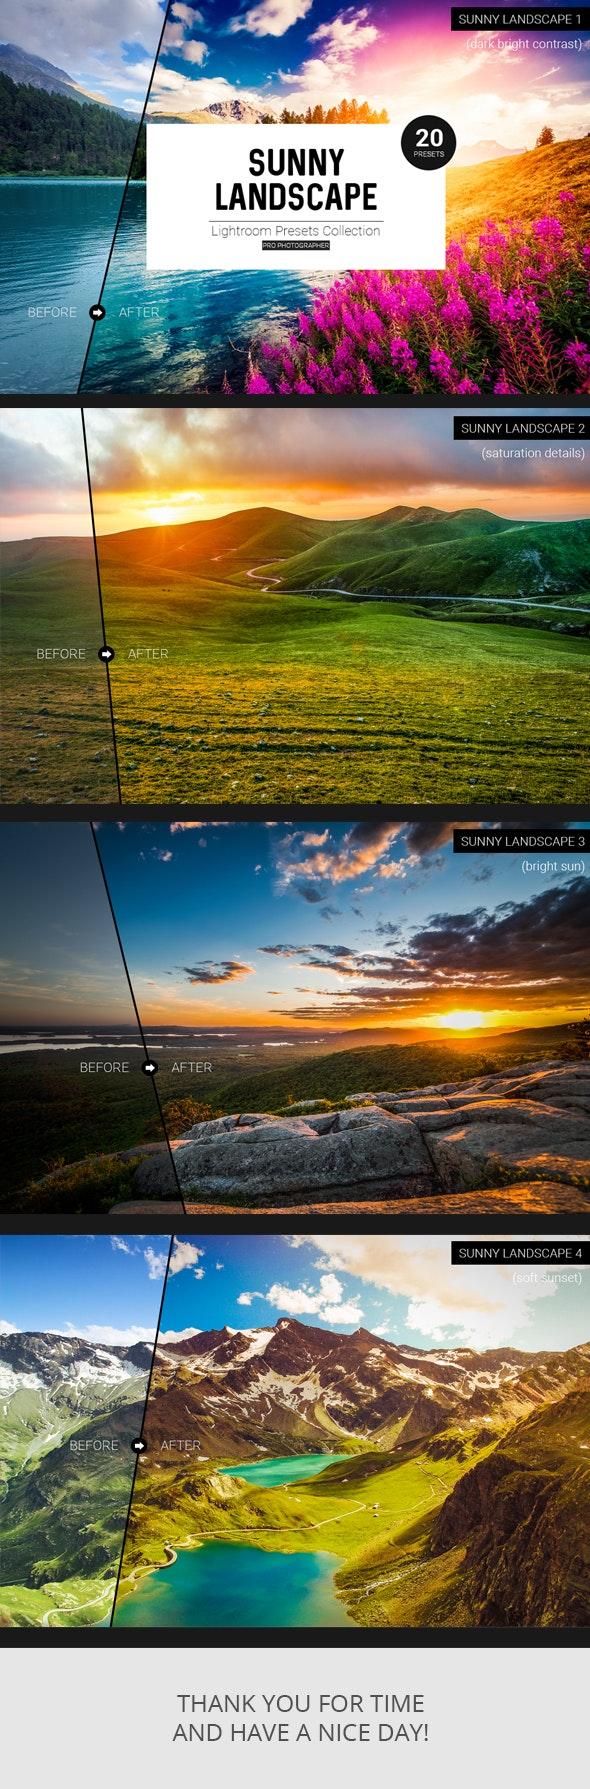 Sunny Landscape Lightroom Presets - Landscape Lightroom Presets